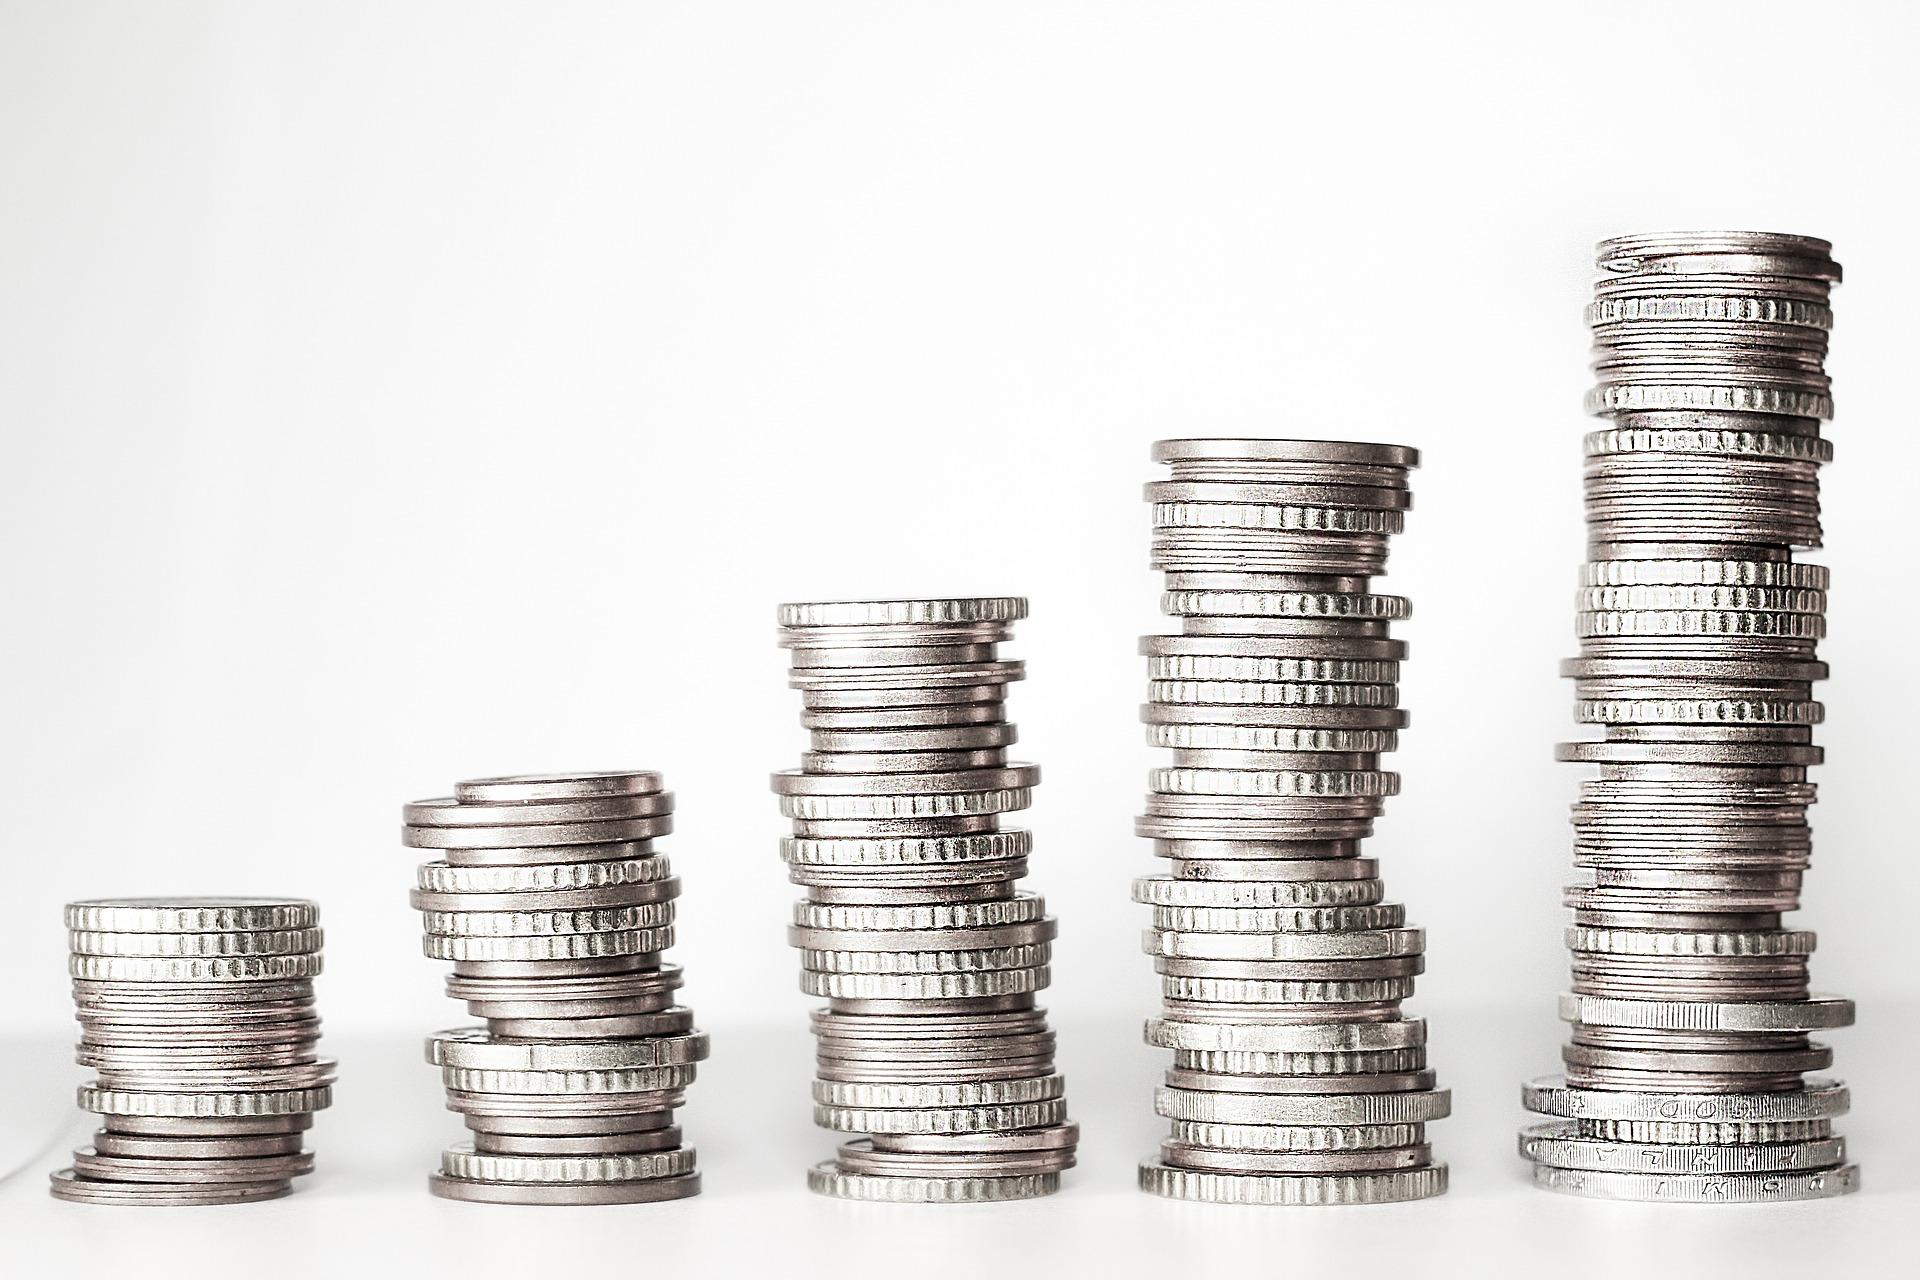 Geld sparen ist eine Routine, die sich erst langfristig auszahlt